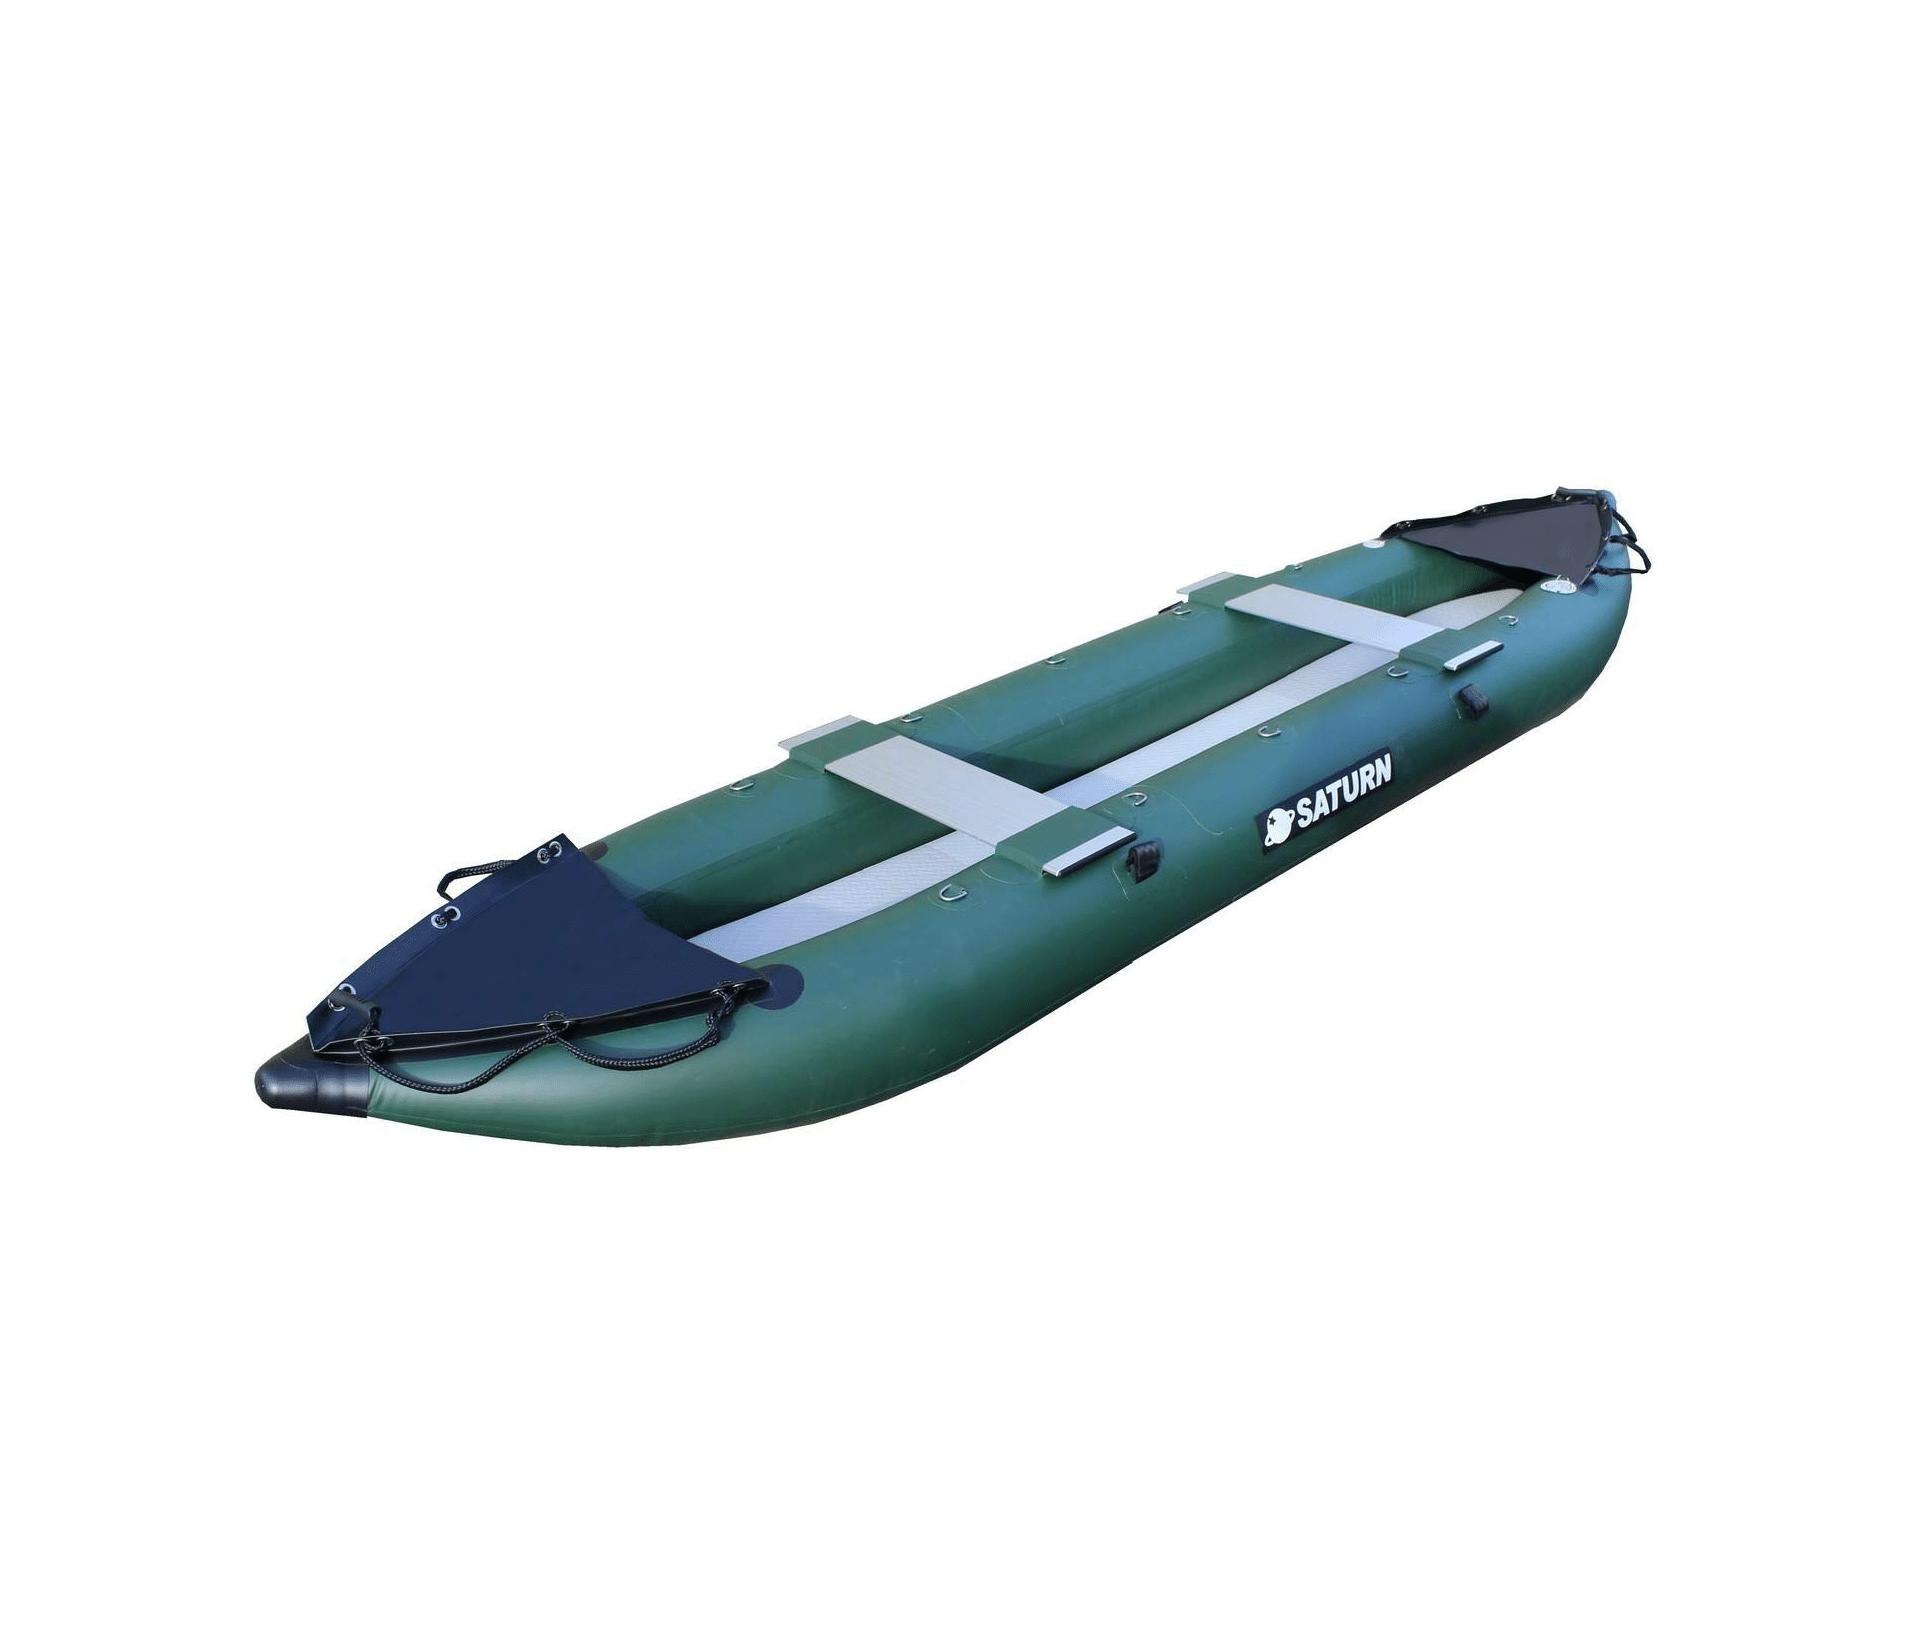 Saturn Pro Angler Inflatable Fishing Kayak